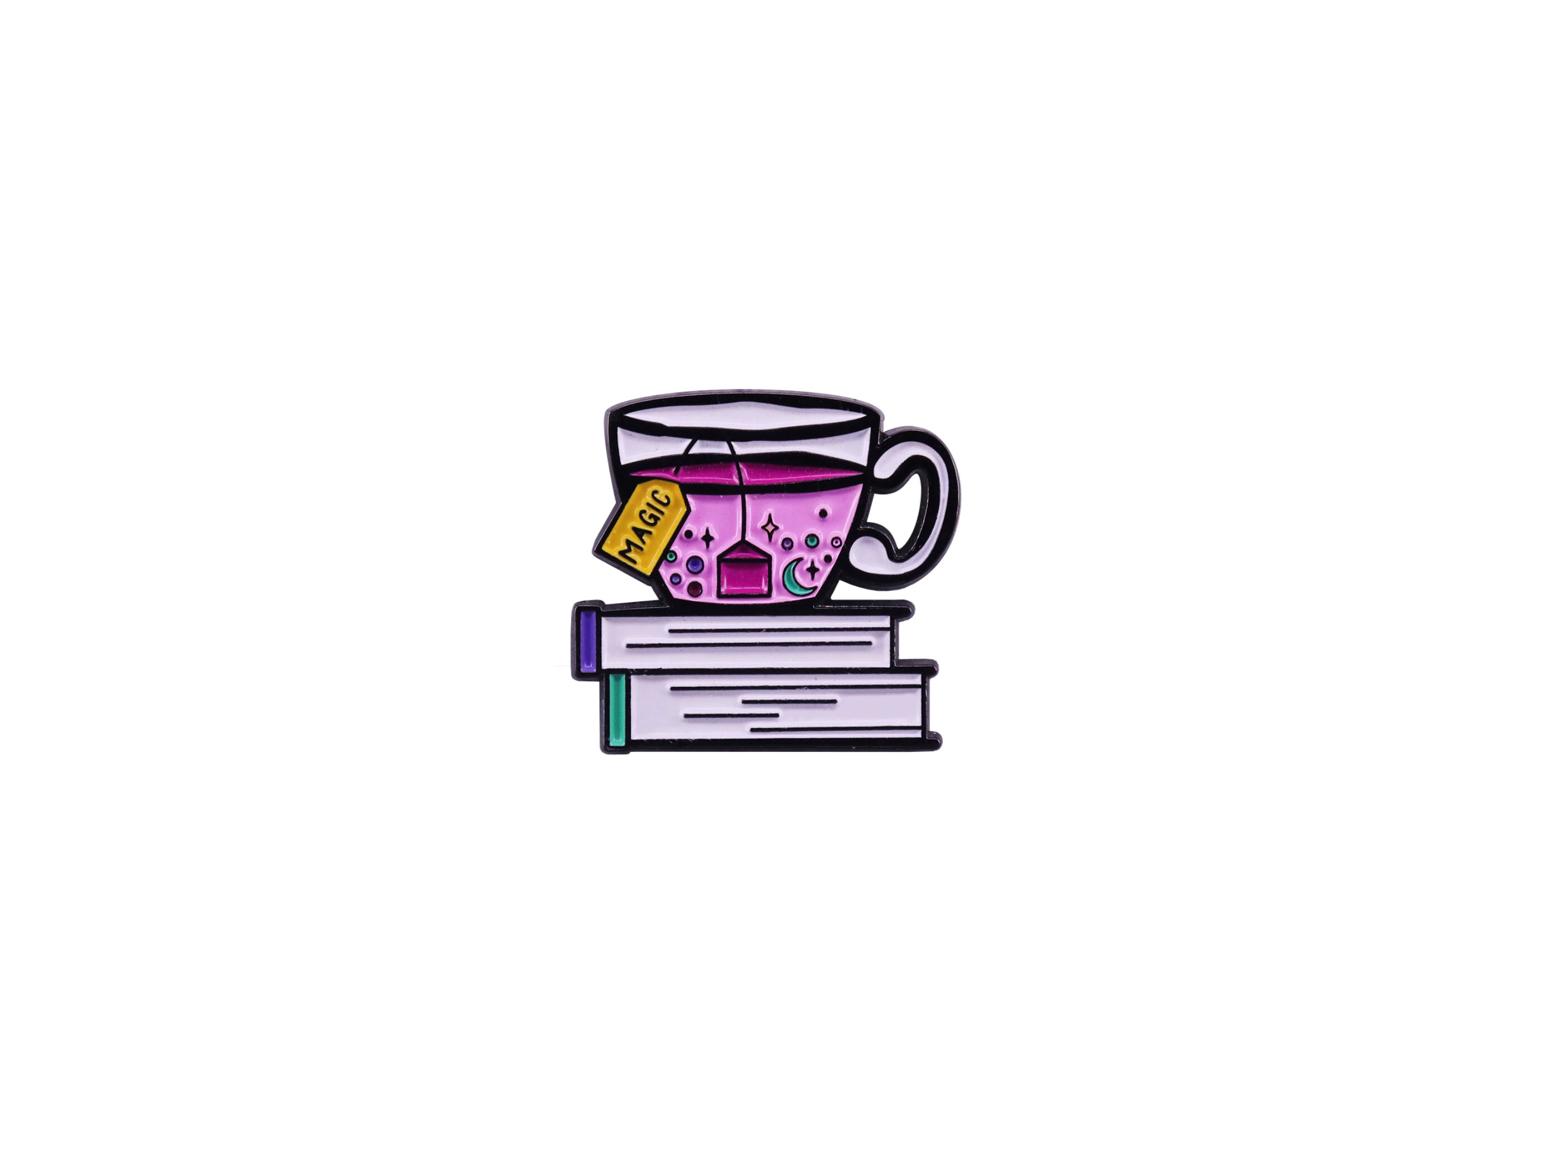 pin's tea and books